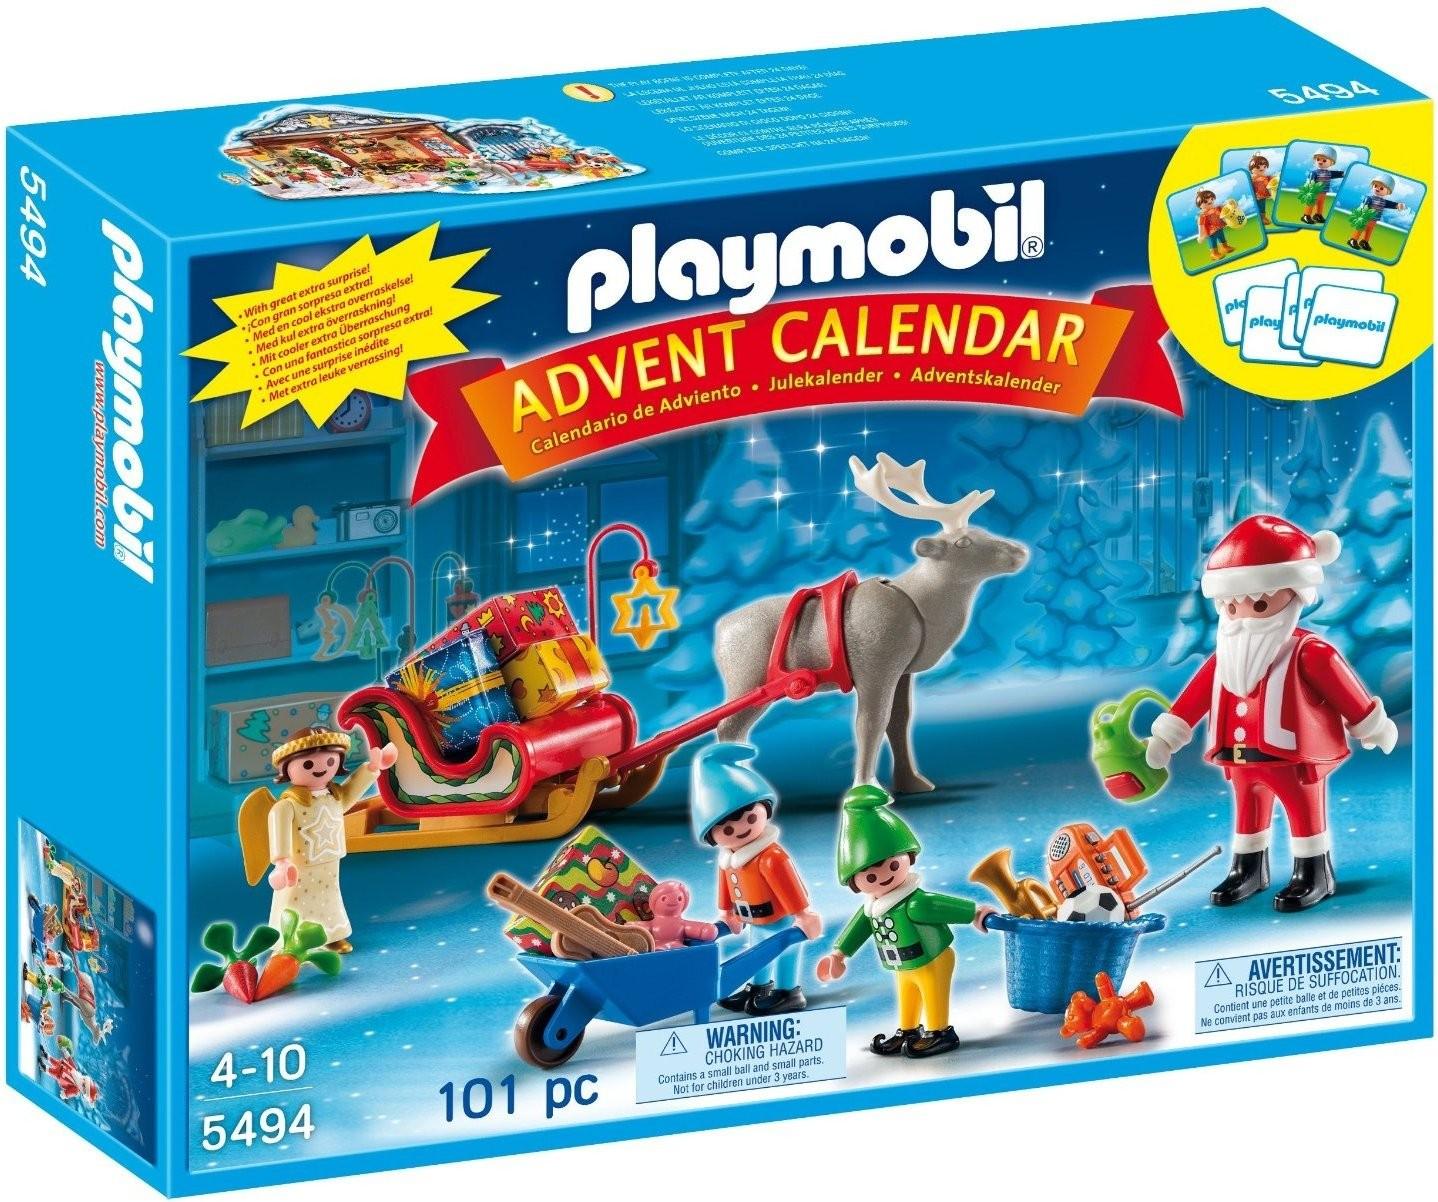 adventni kalendar playmobil Adventní kalendář Playmobil 5494 Balení dárků | Goleto.cz adventni kalendar playmobil